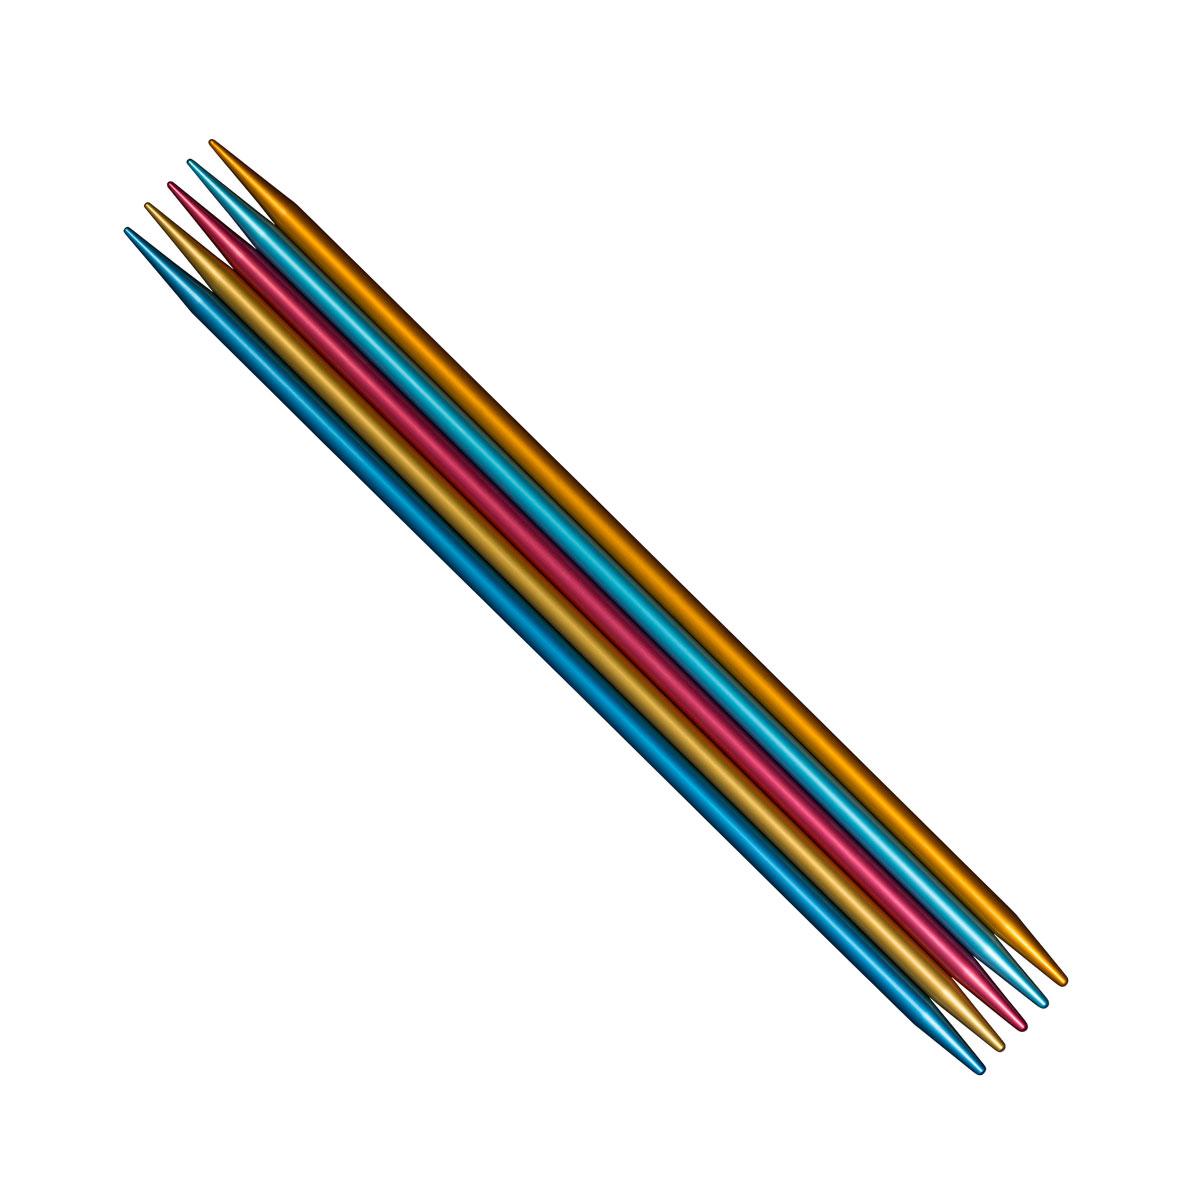 ADDI Спицы, чулочные, сверхлегкие Colibri, №2.75, 20 см, 5 шт204-7/2.75-20Спицы Colibris имеют отличительный цвет и структуру. За счет полого и легкого материала руки при вязании практически не устают, что особенно важно при вязании спицами толстых размеров. Внешняя поверхность спиц особенно гладкая, а ощущения от вязания самые комфортные, так как материал быстро принимает тепло рук. Полное отсутствие соединений, либо каких-то плохо обработанных кончиков, как на пластике. Каждая спица блестит за счет своей анодированной пестрой поверхности, что особенно нравится молодой аудитории. Яркий цвет часто является козырем, как и в пряже для ручного вязания. Защищенная патентом технология чулочной спицы имеет неоспоримое преимущество. Потребитель приобретает продукт, у которого две различные функции, так как это две спицы с коротким и длинным кончиком одновременно. Комплекты толщиной от 5,5 мм имеют 23 см длинны вместо 20 см, что является неоспоримым преимуществом при работе с более толстой пряжей, которая обычно занимает много места на спице.